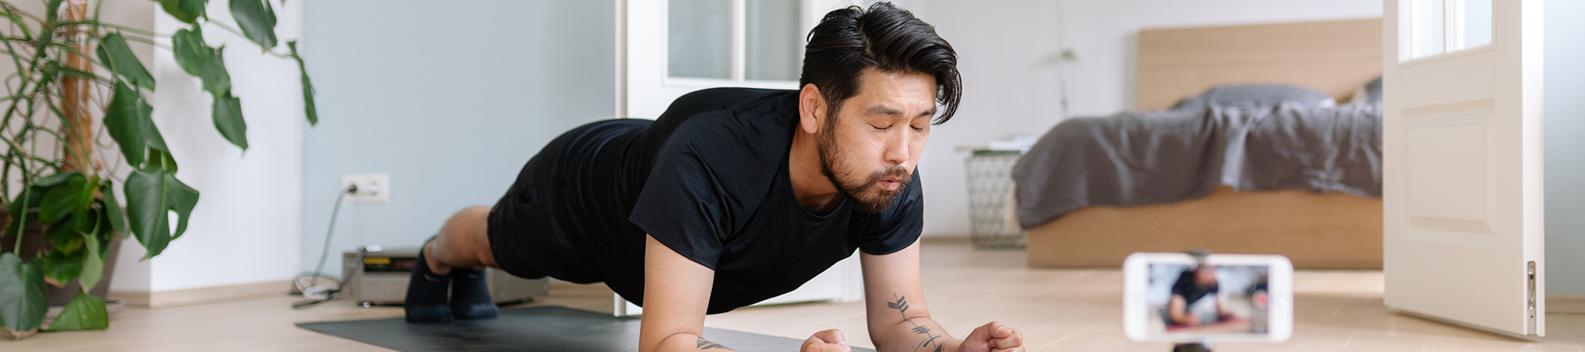 8 Tipos de ejercicios para hacer esta cuarentena